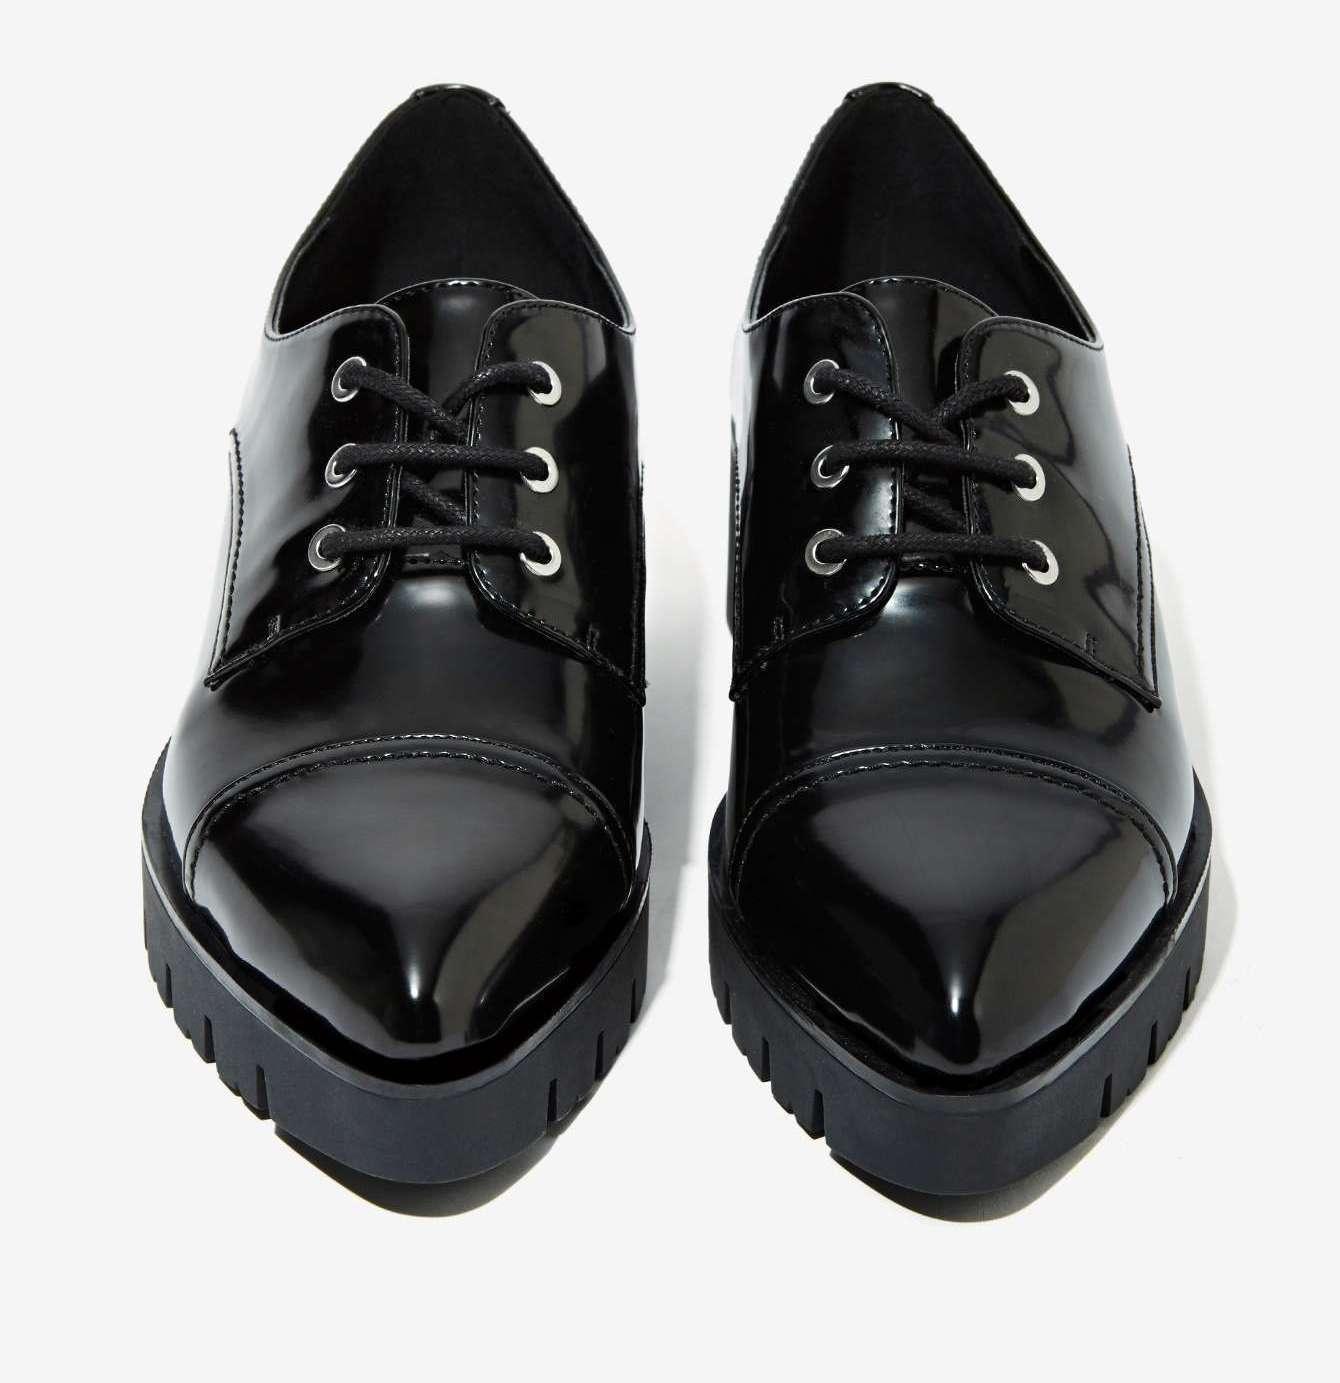 Nouveau Nasty Gal soixante sept noir Traci Boîte En Cuir Synthétique Plateforme chaussures Taille 38